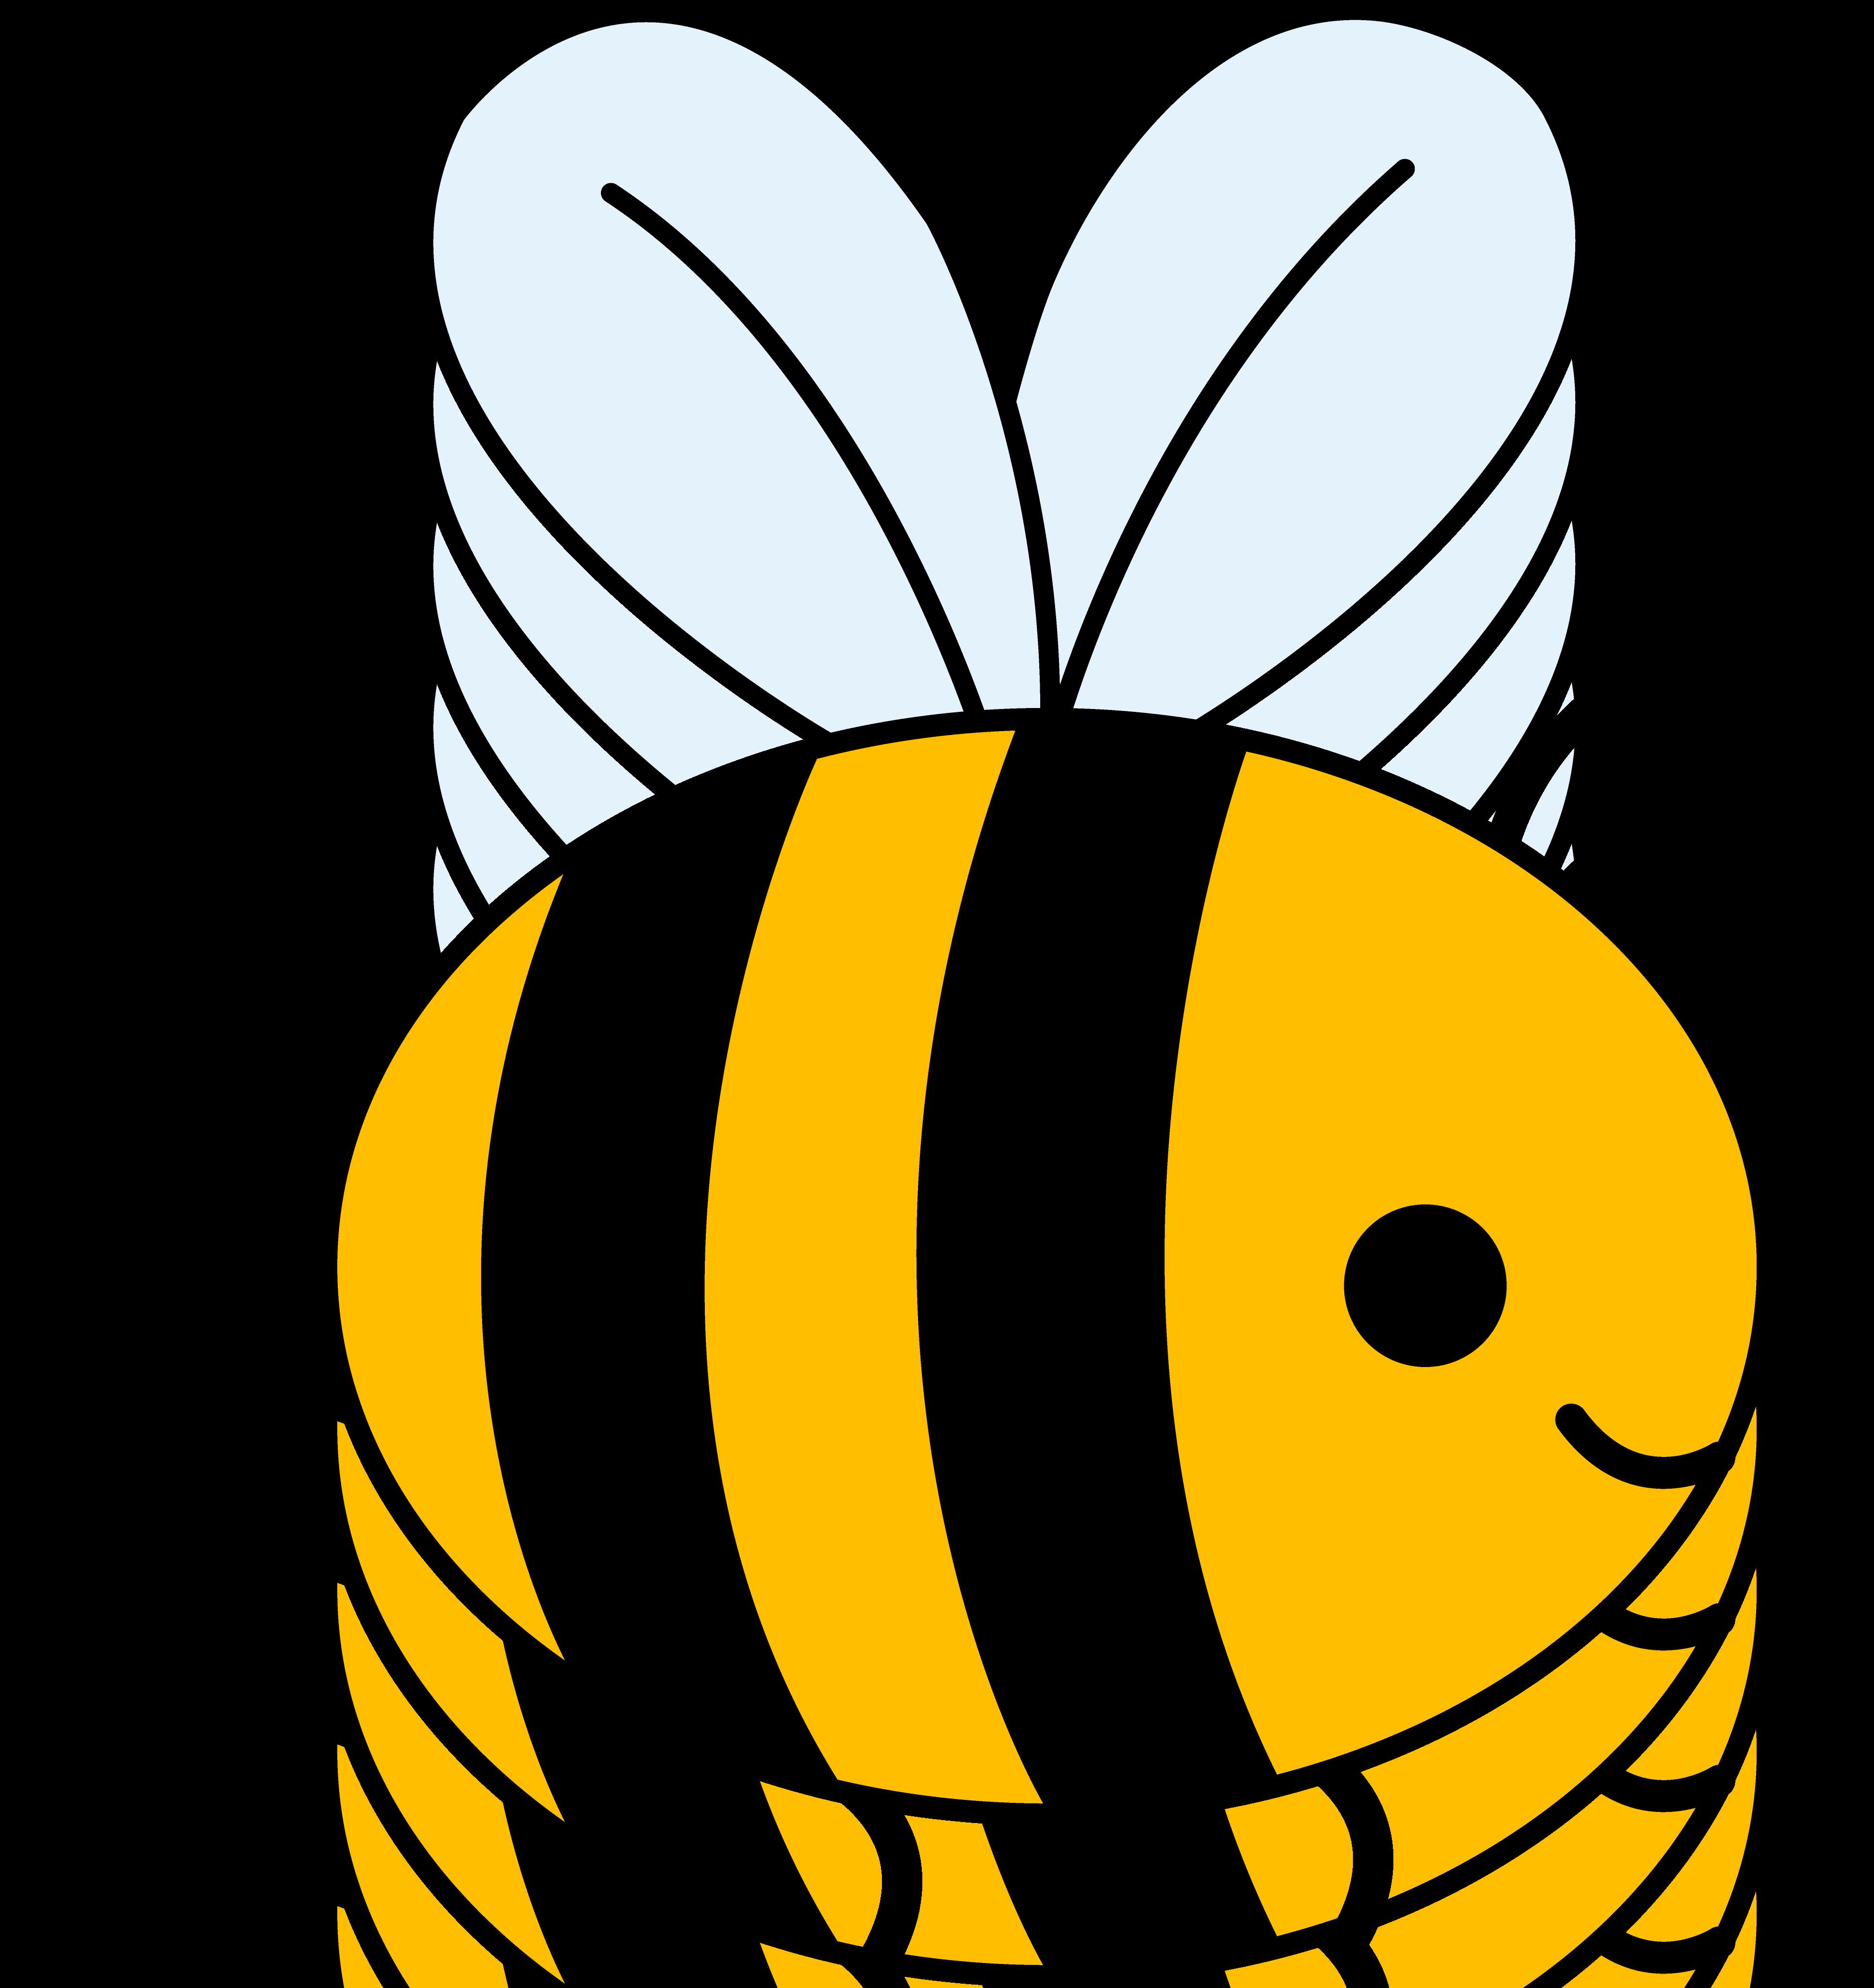 Cute Honey Bee Clipart Clipart Panda Fre-Cute Honey Bee Clipart Clipart Panda Free Clipart Images-6